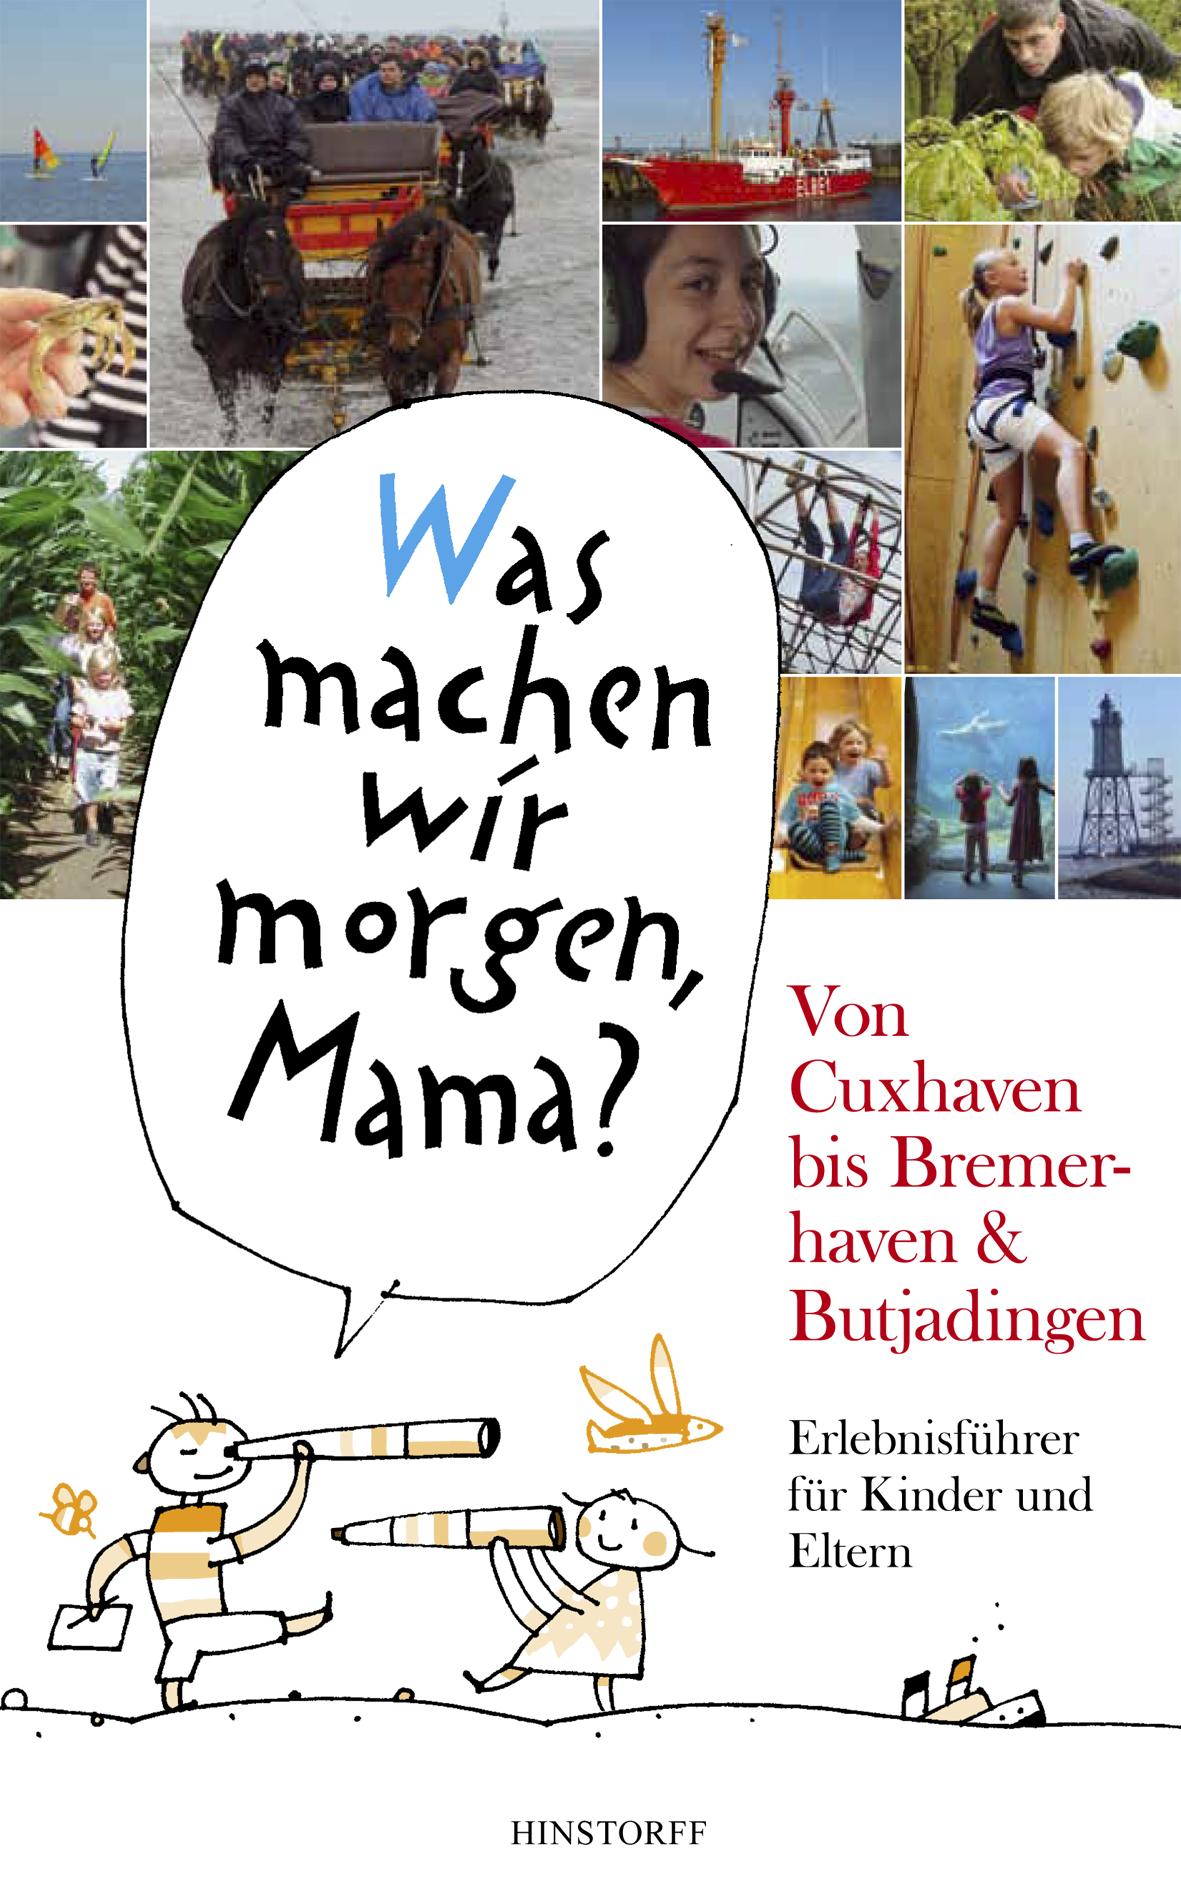 Was machen wir morgen, Mama? Cuxhaven bis Bremerhaven & Butjadingen